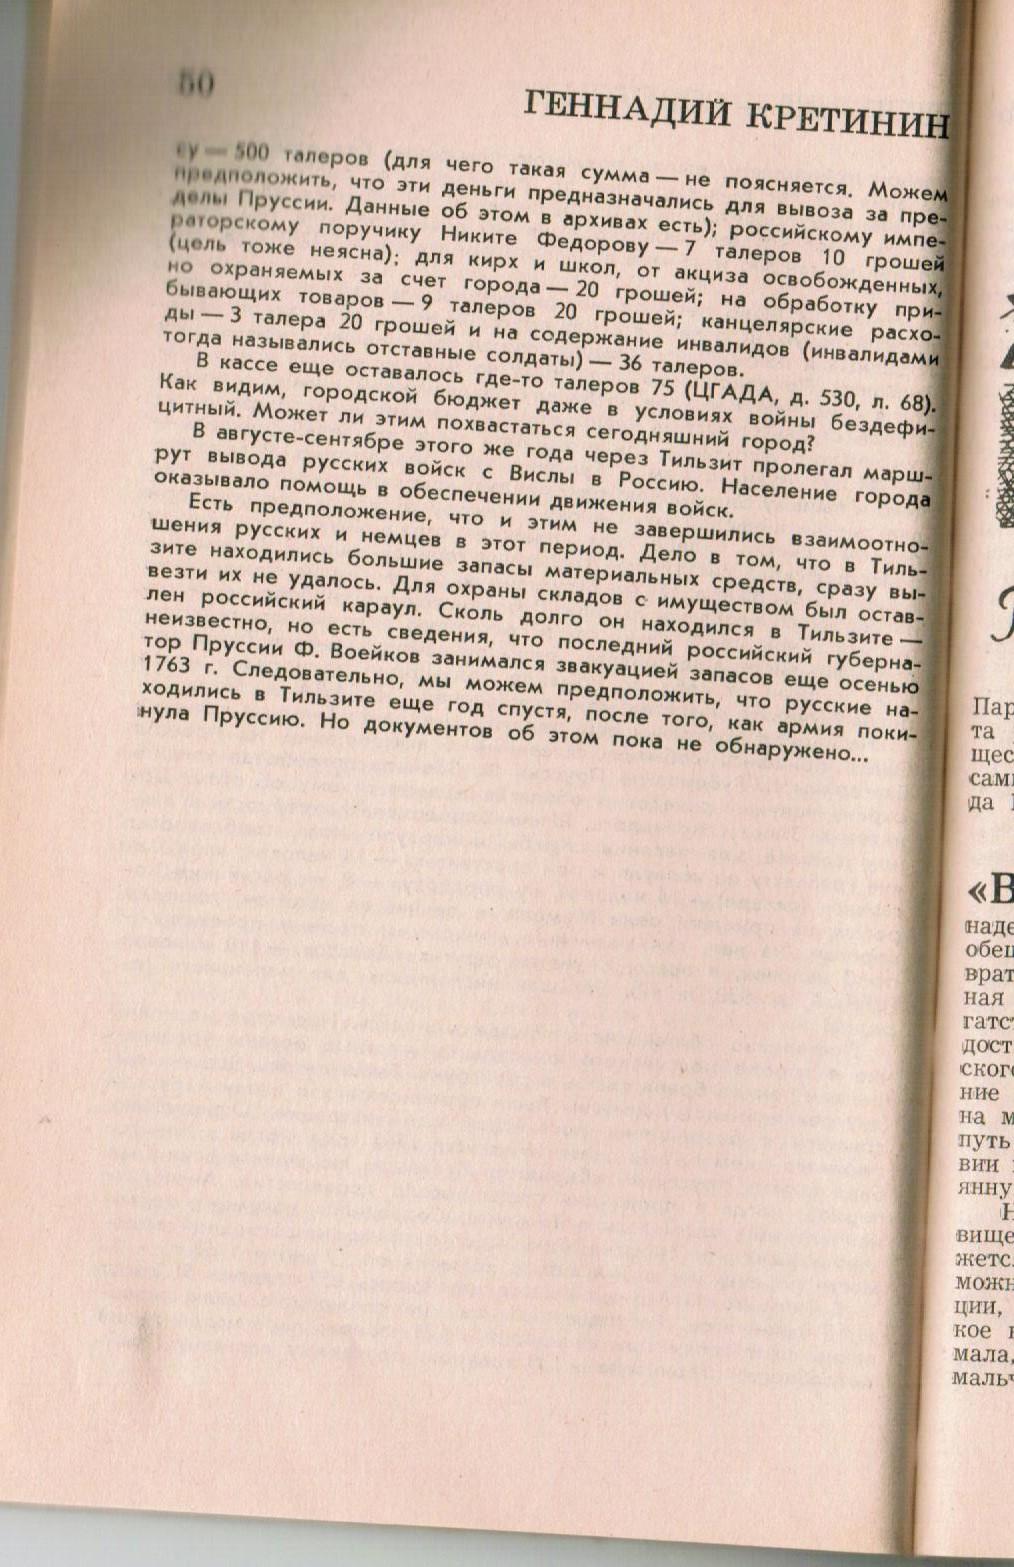 Всё о нашем крае в одном журнале, изображение №13